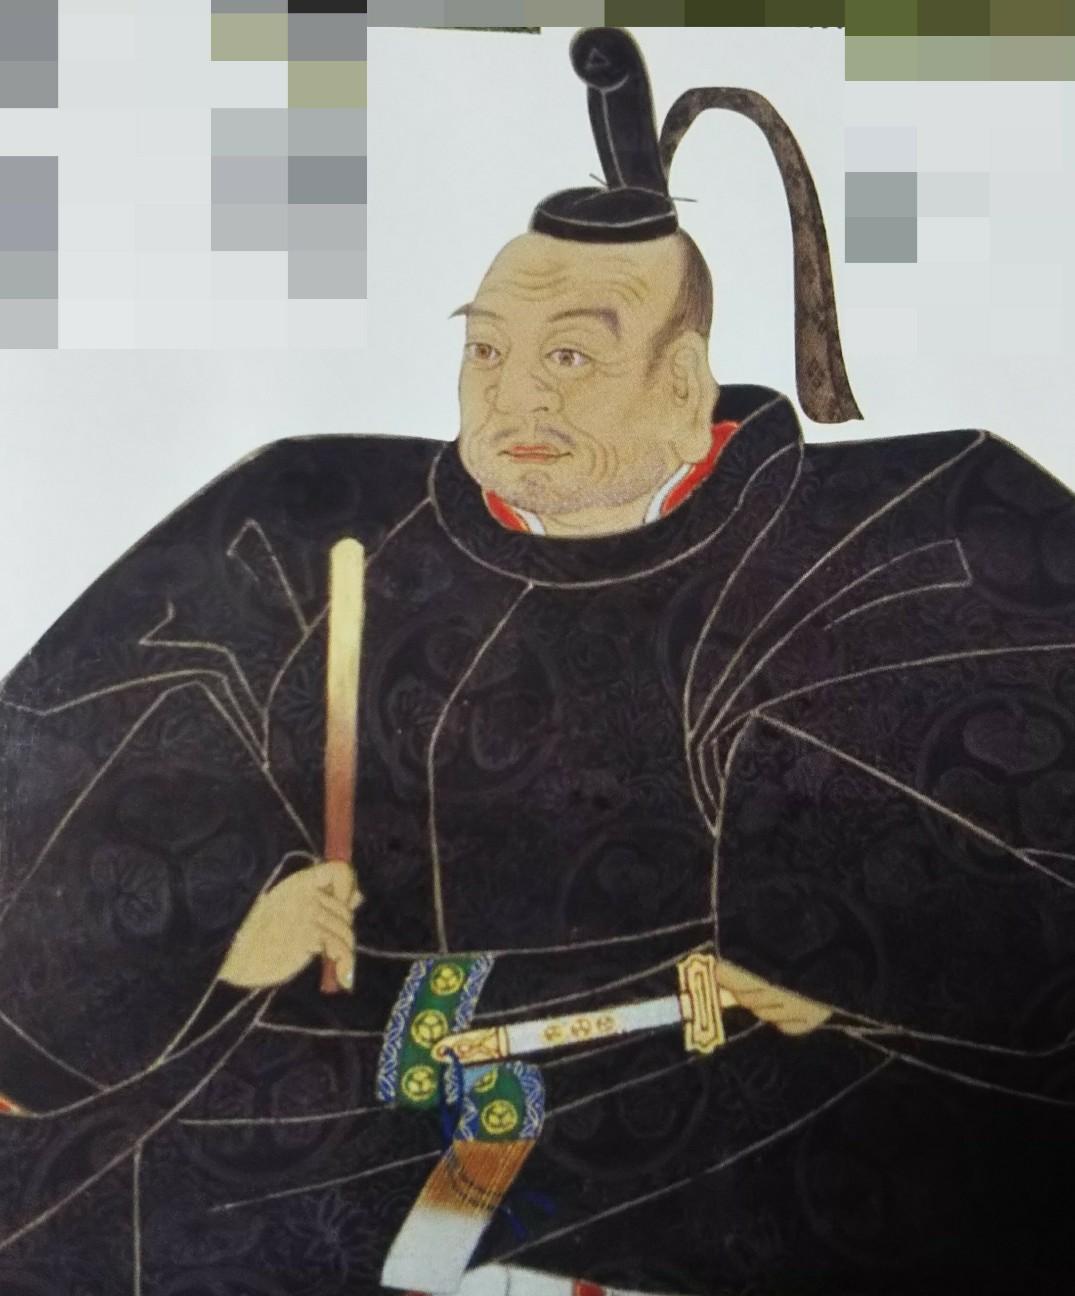 f:id:yujisyuji:20191111201354j:image